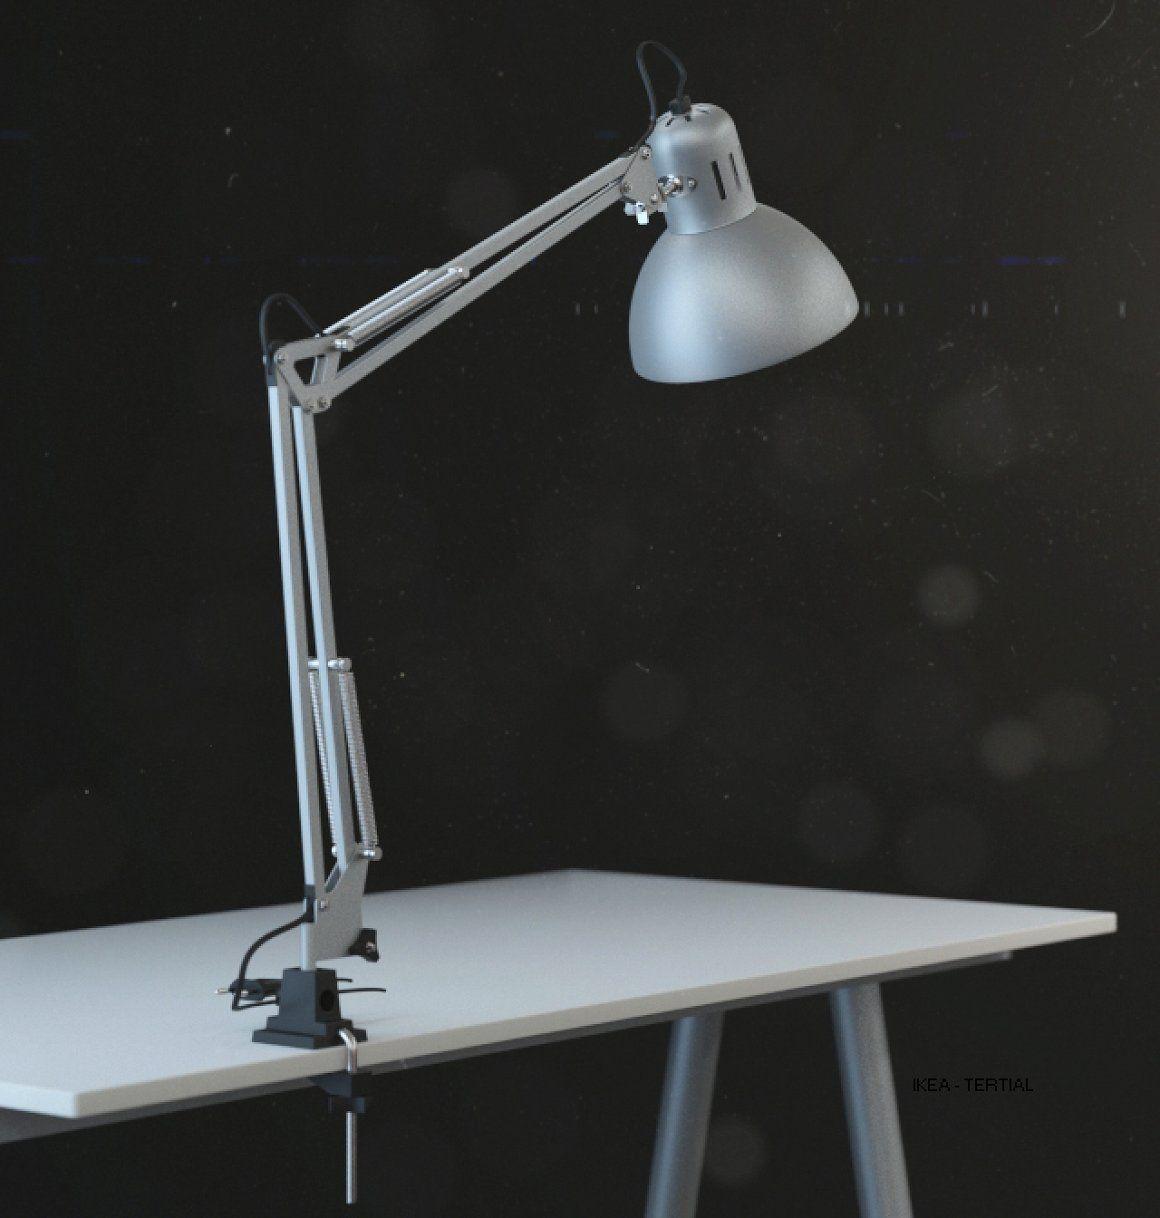 Ikea Tertial Work Lamp 3d Model Ikea Tertial Lamp White Real